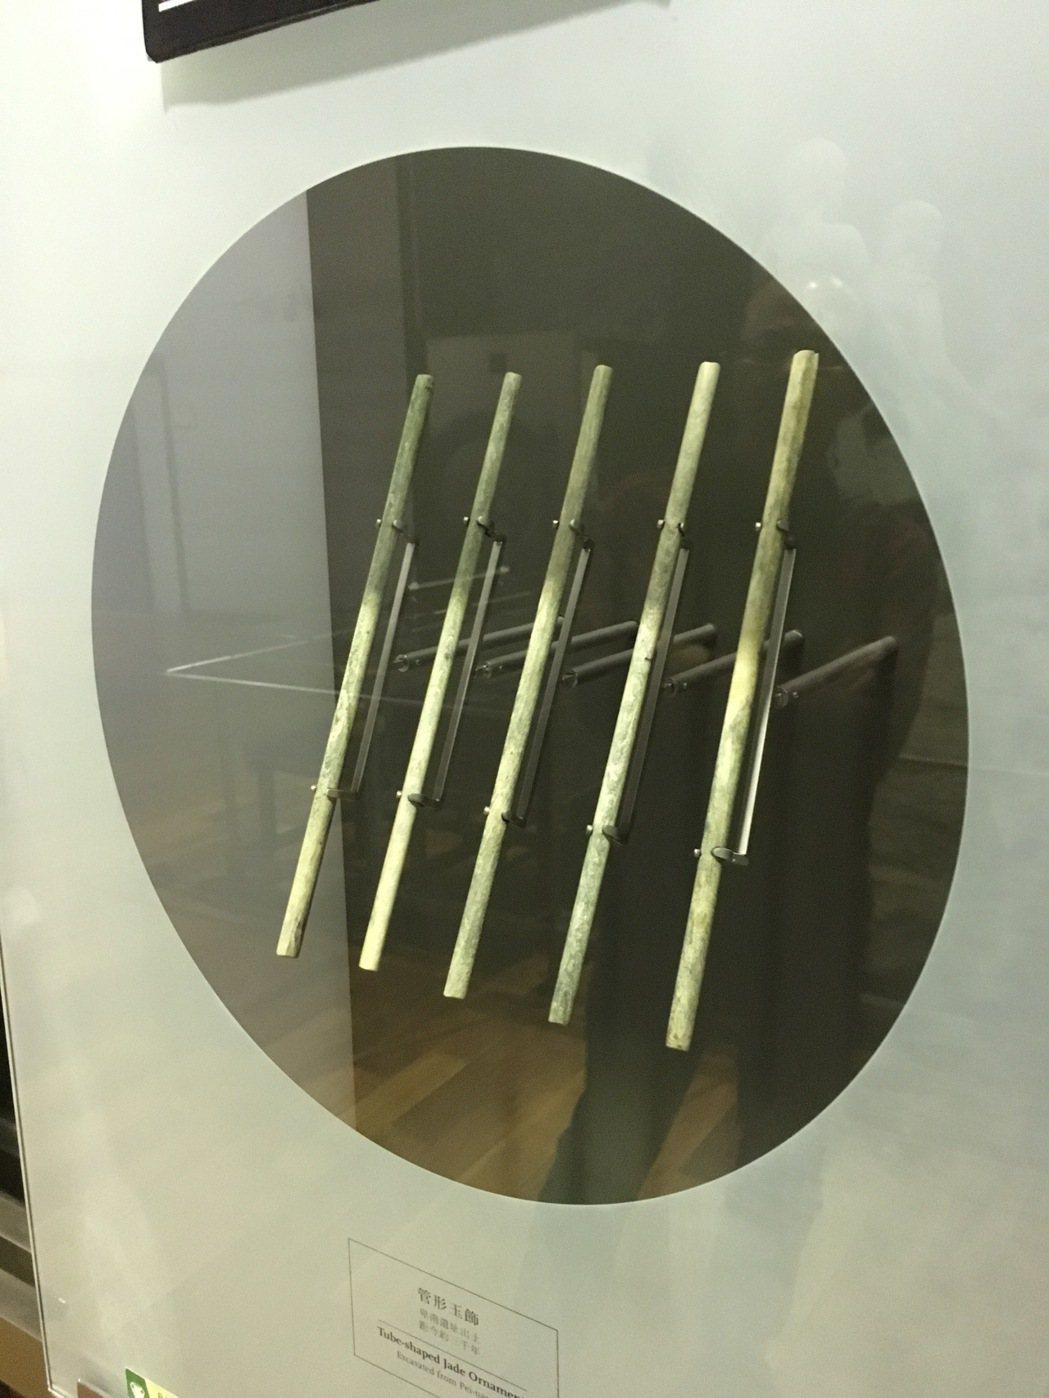 史前馆国宝玉管,长?29公分,钻凿技艺惊人。记?何定照/摄影